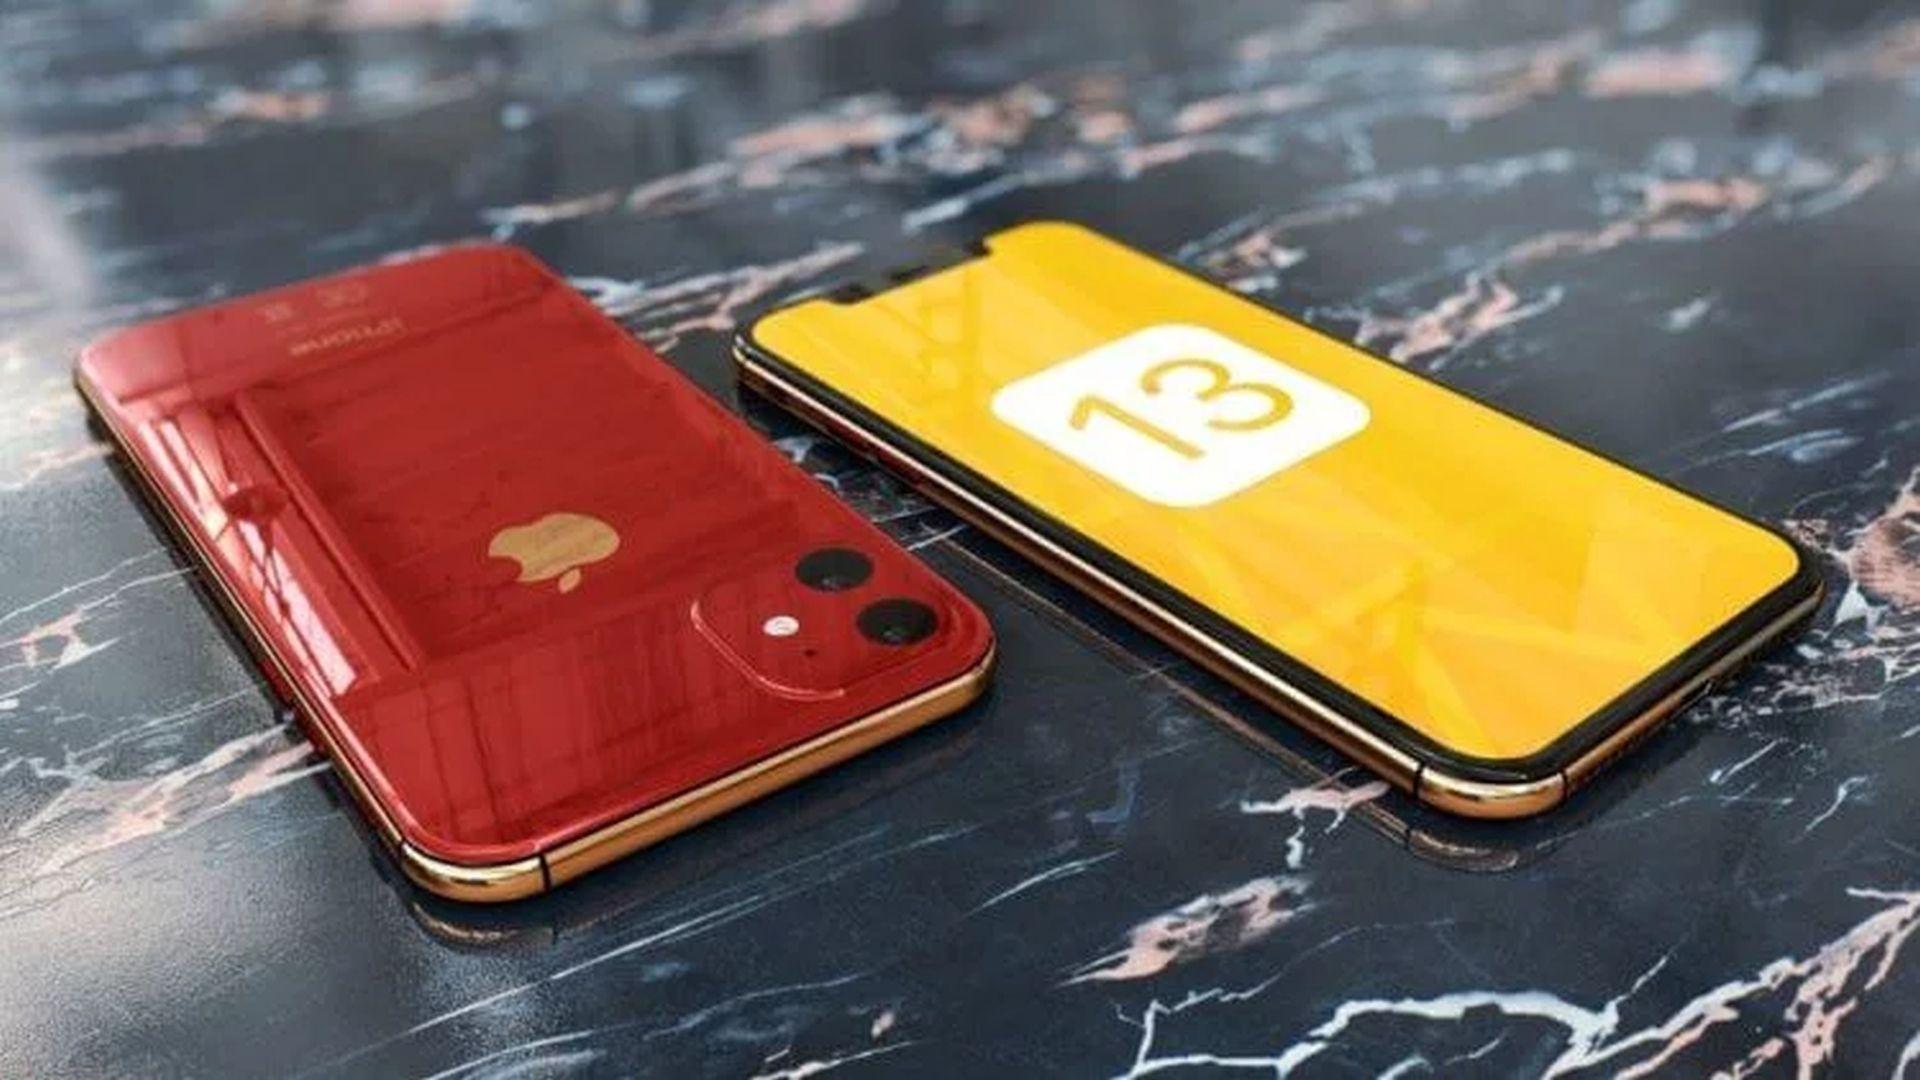 Prawdopodobnie poznaliśmy nazwy tegorocznych iPhone'ów